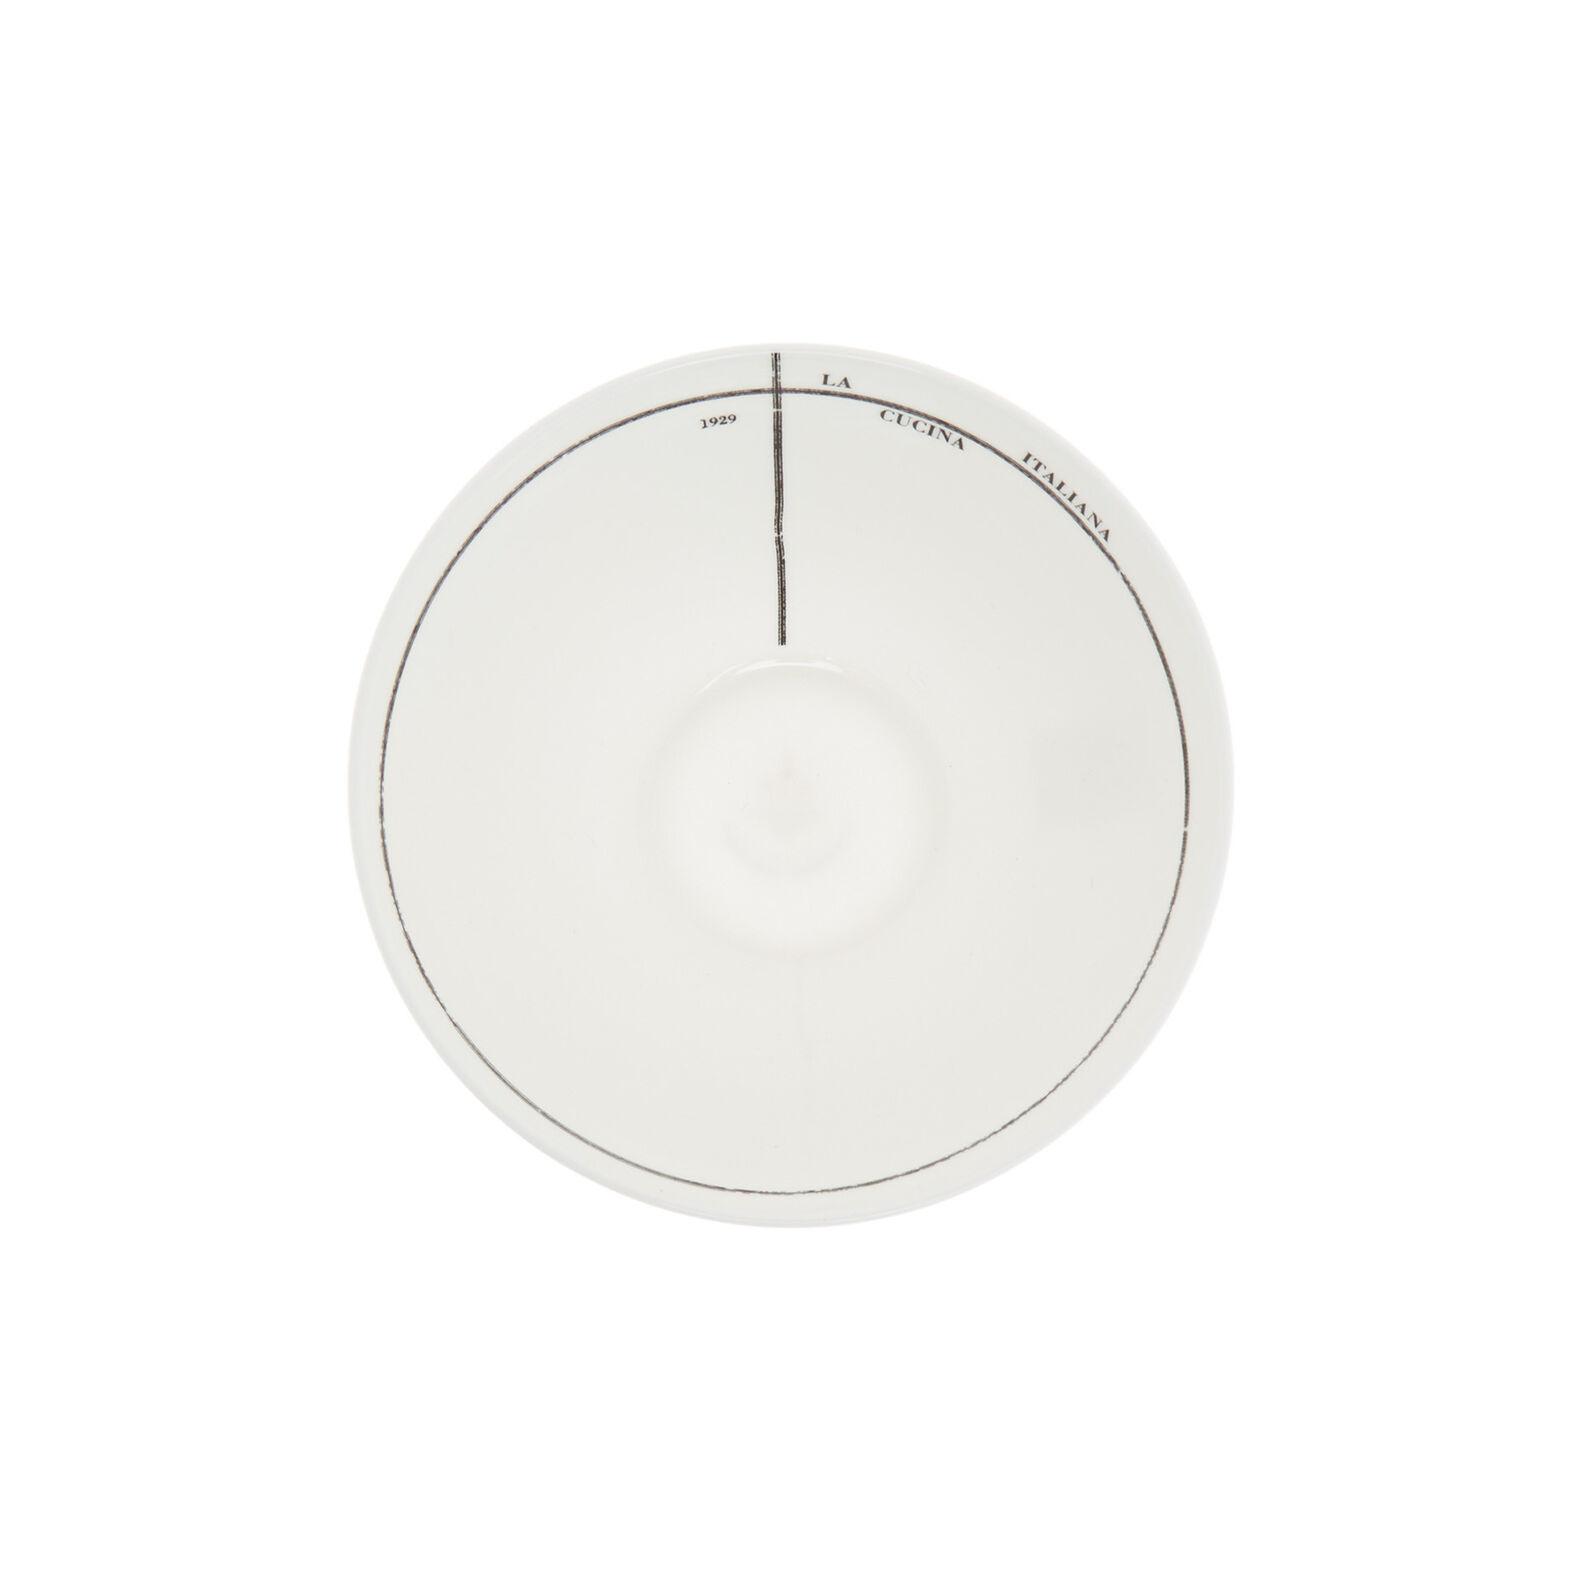 Ciotola fine bone china decoro geometric La Cucina Italiana